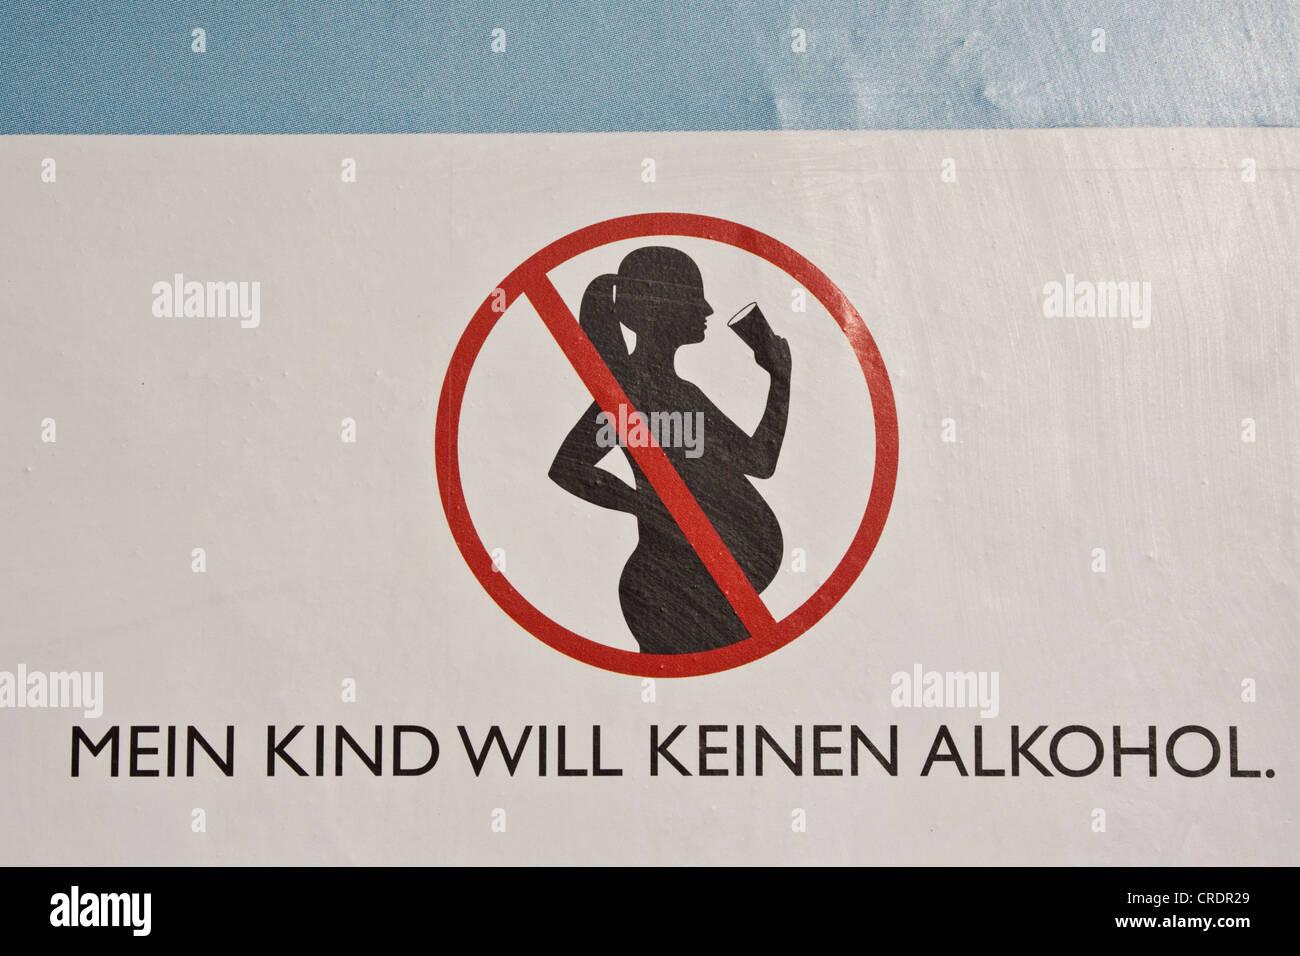 Piktogramm Maßnahmen Zum Verbot Von Alkohol Während Der